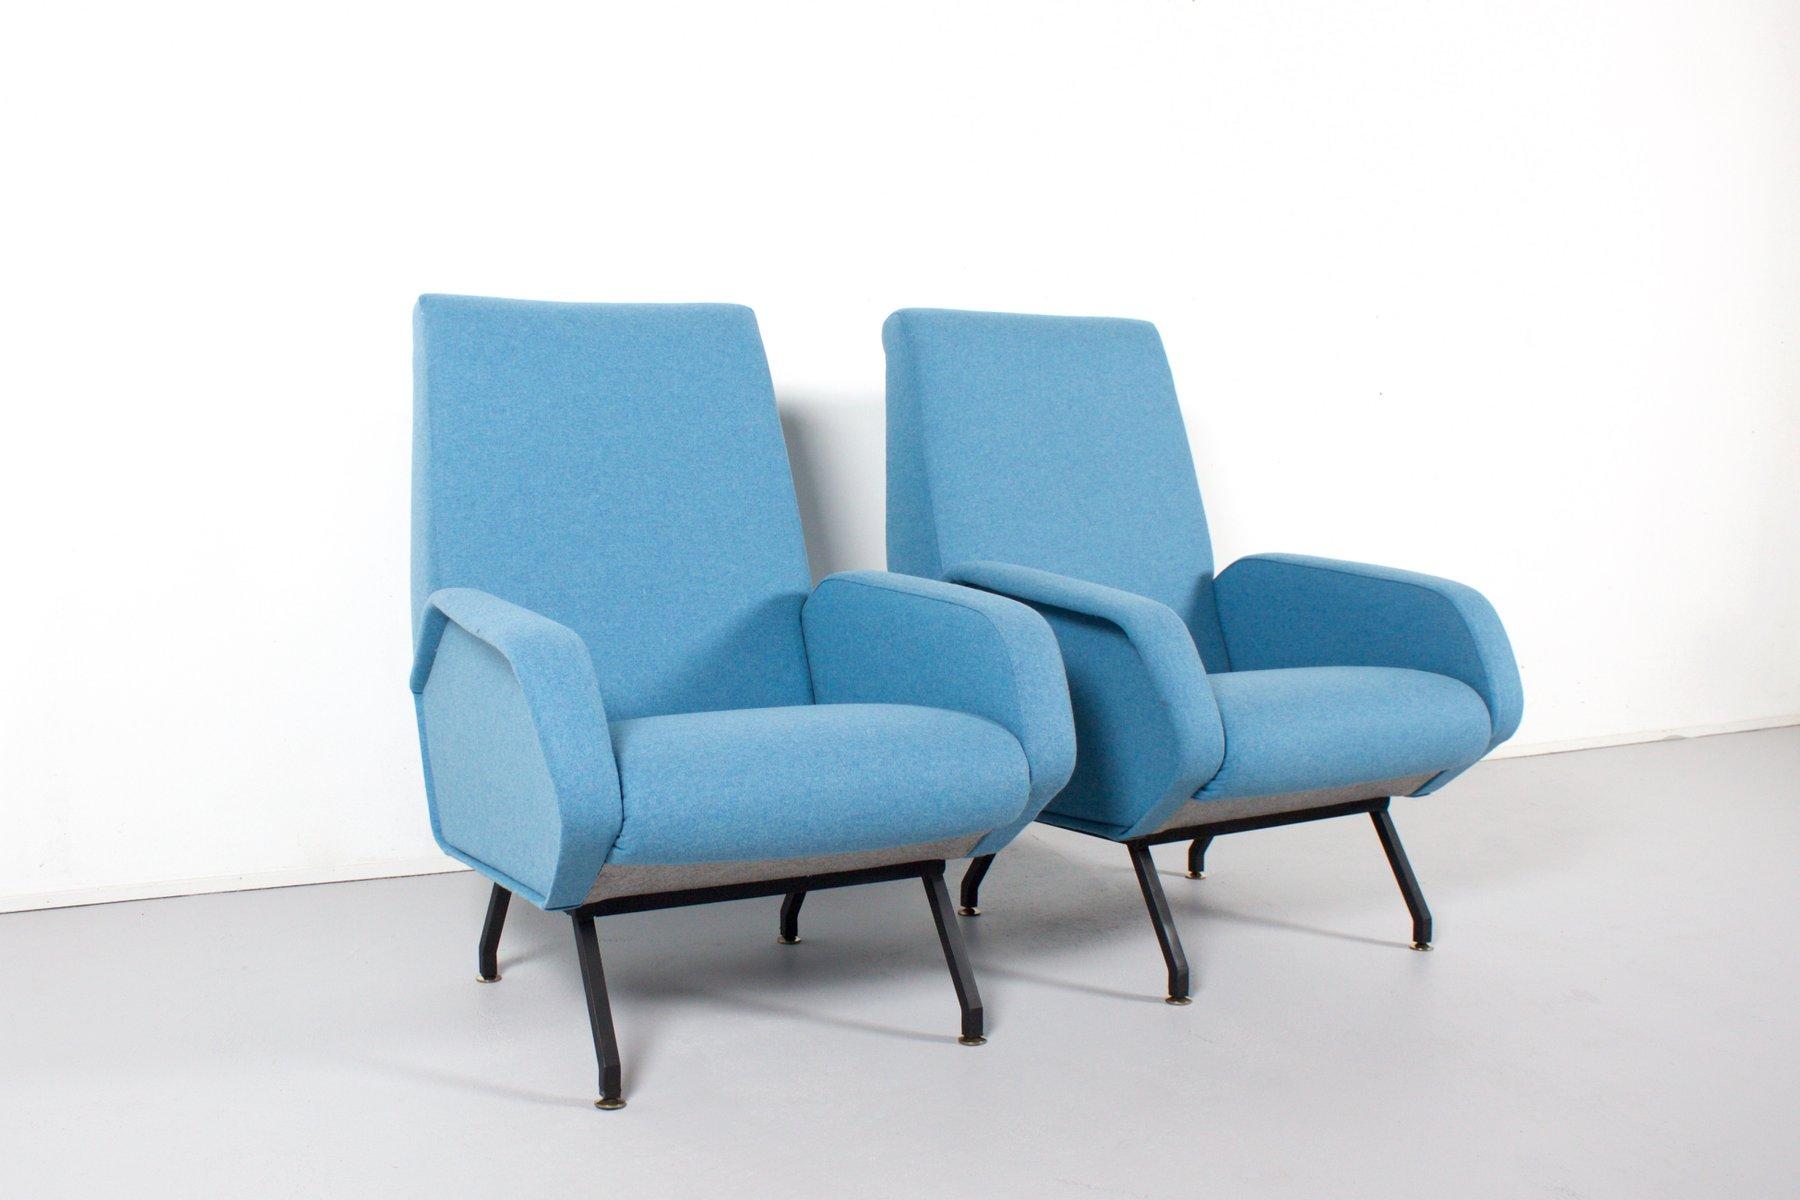 italienische mid century sessel in hellblauer wolle bei pamono kaufen. Black Bedroom Furniture Sets. Home Design Ideas